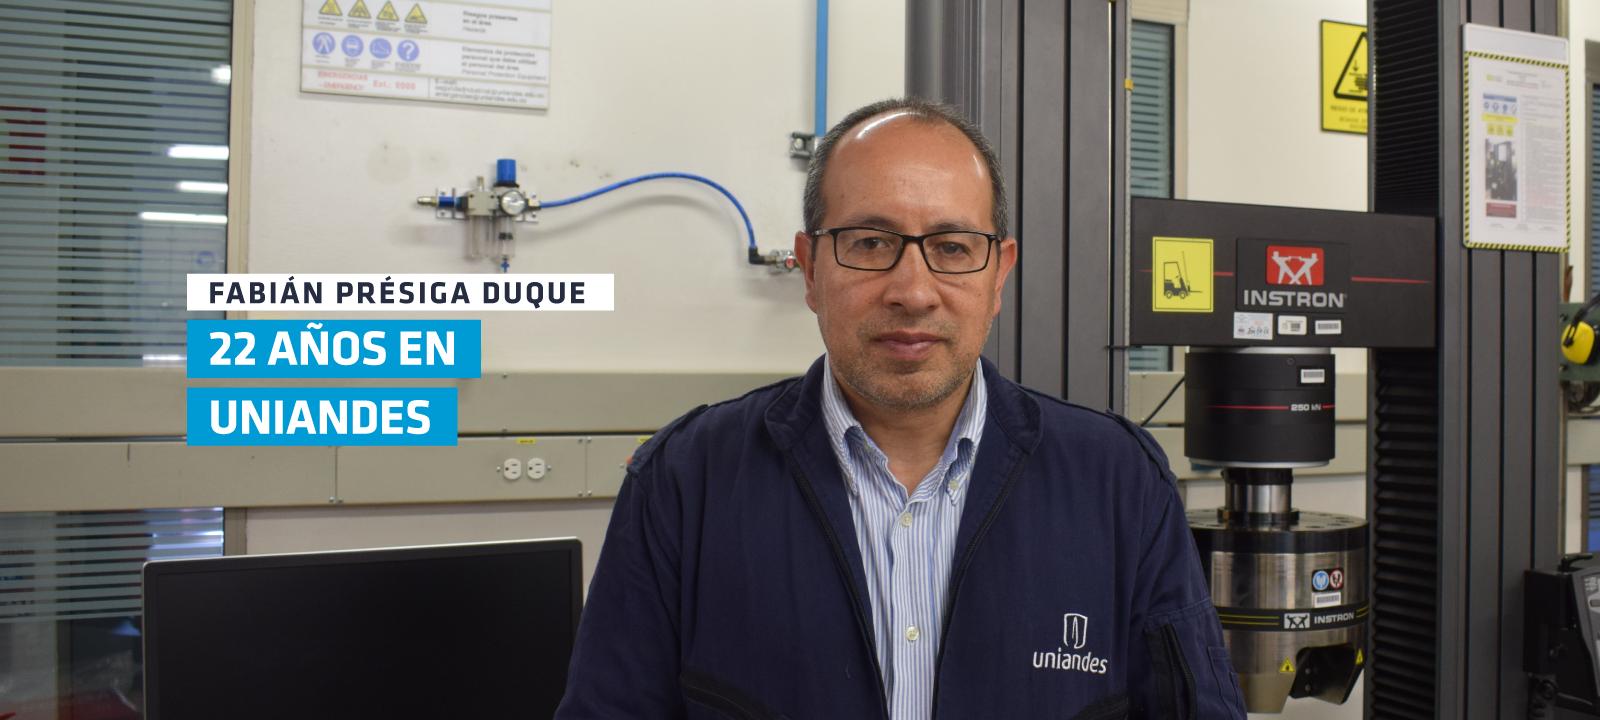 En enero de 2020, Fabián cumplió 22 años al servicio de la Universidad de los Andes